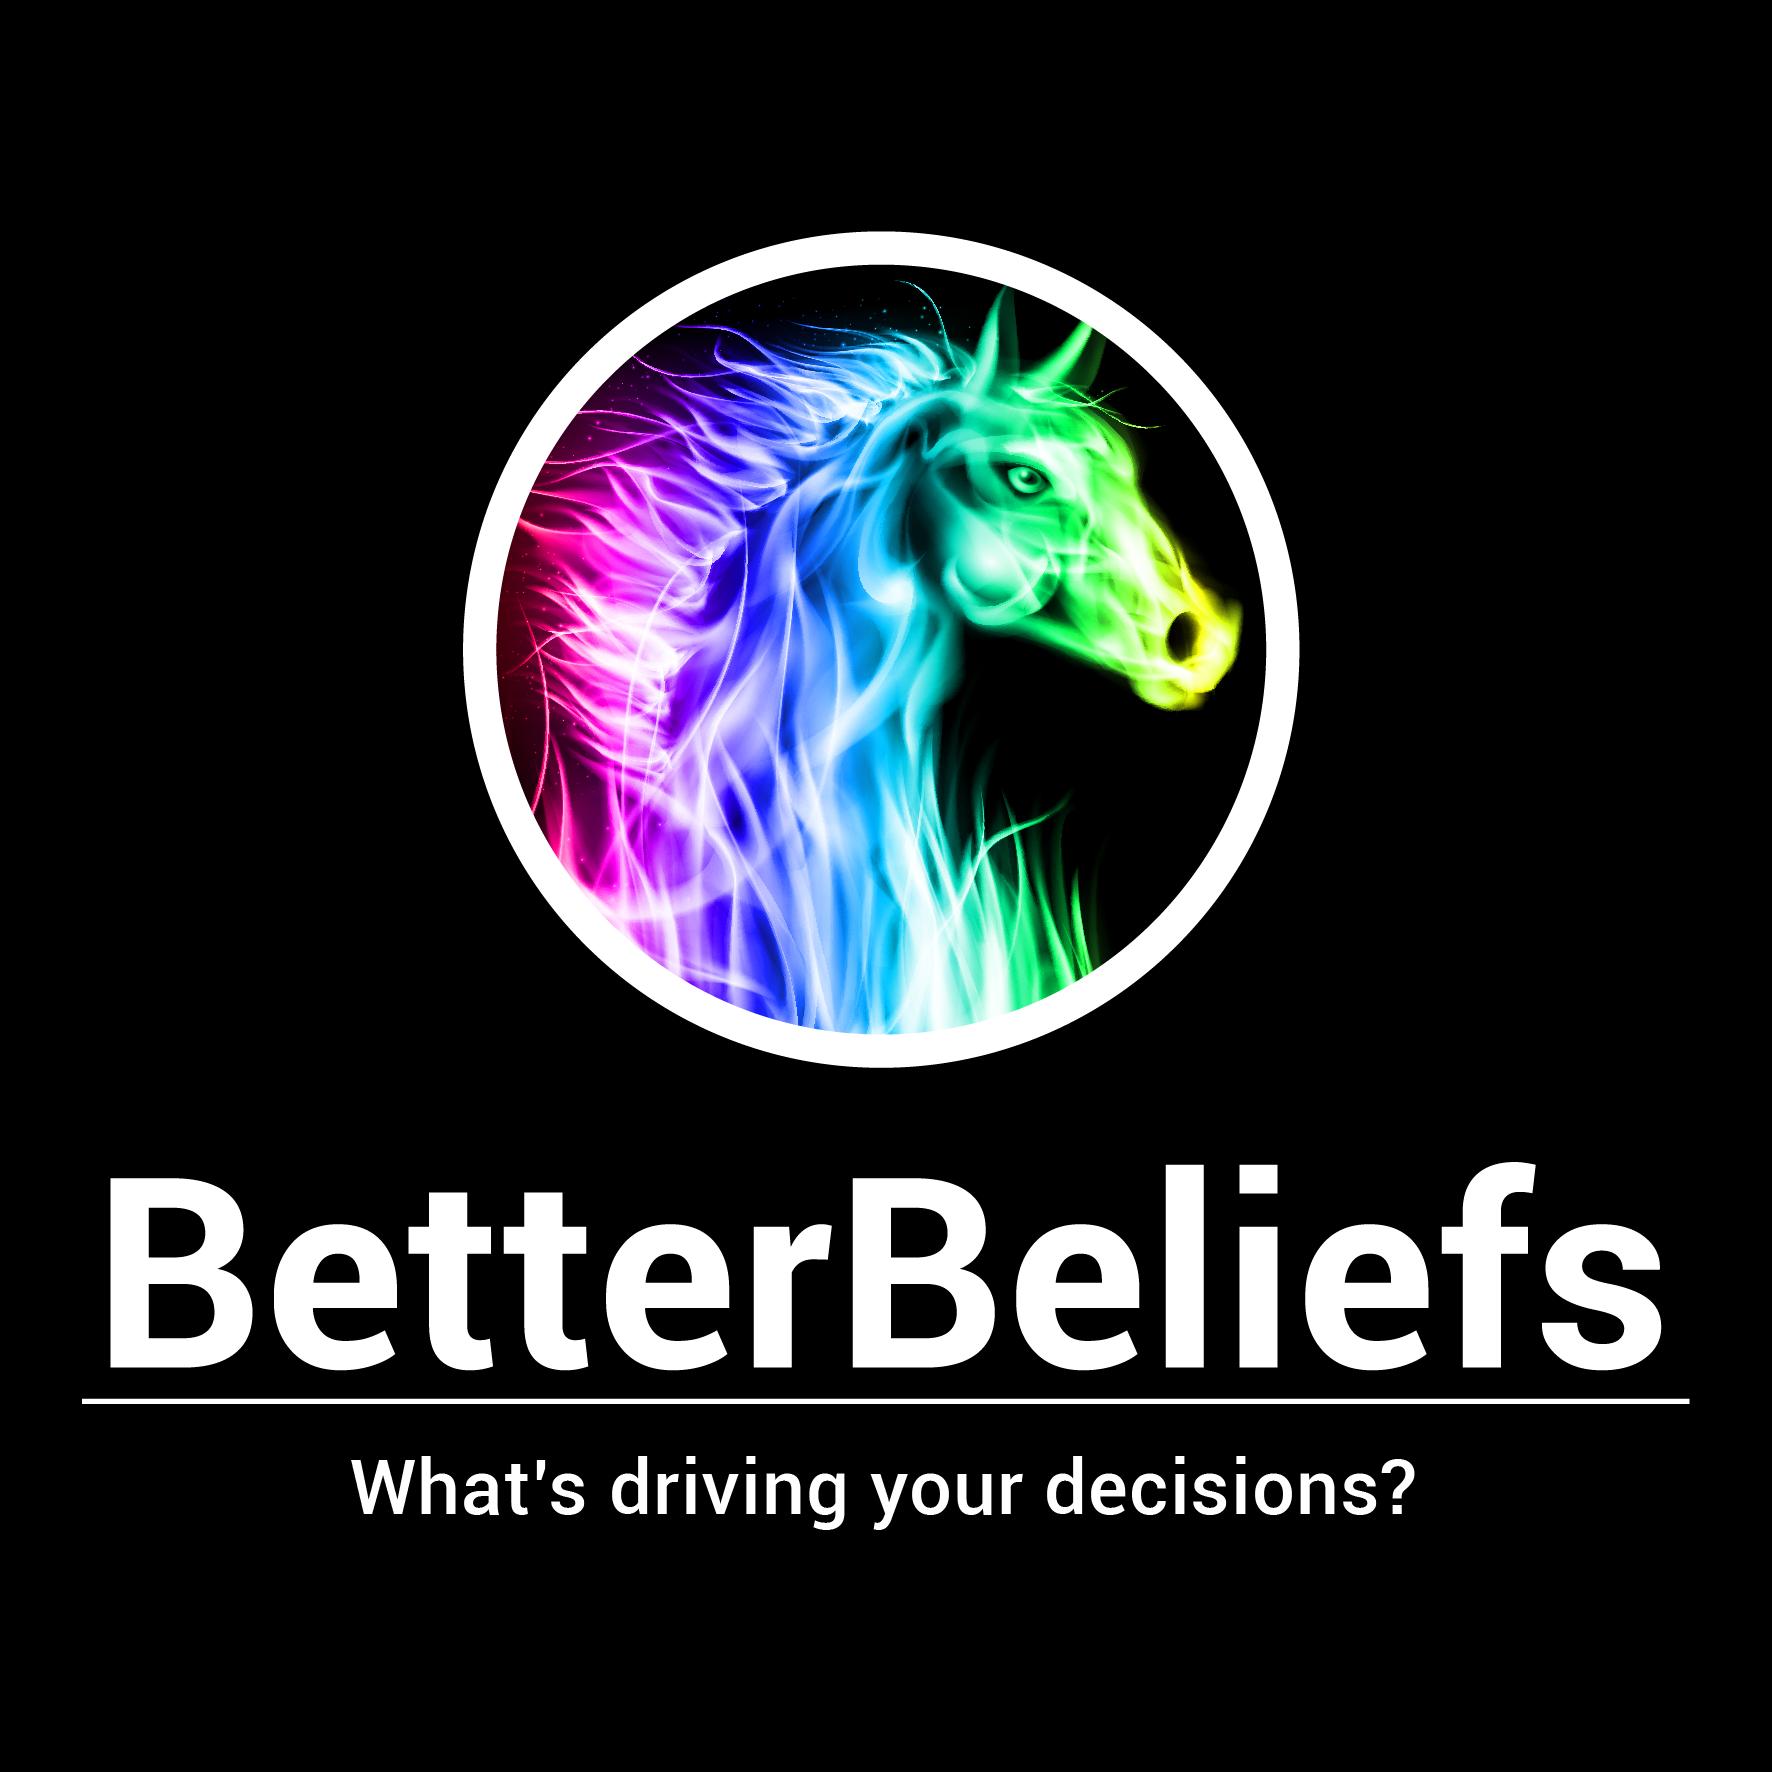 BetterBeliefs profile logo with tagline